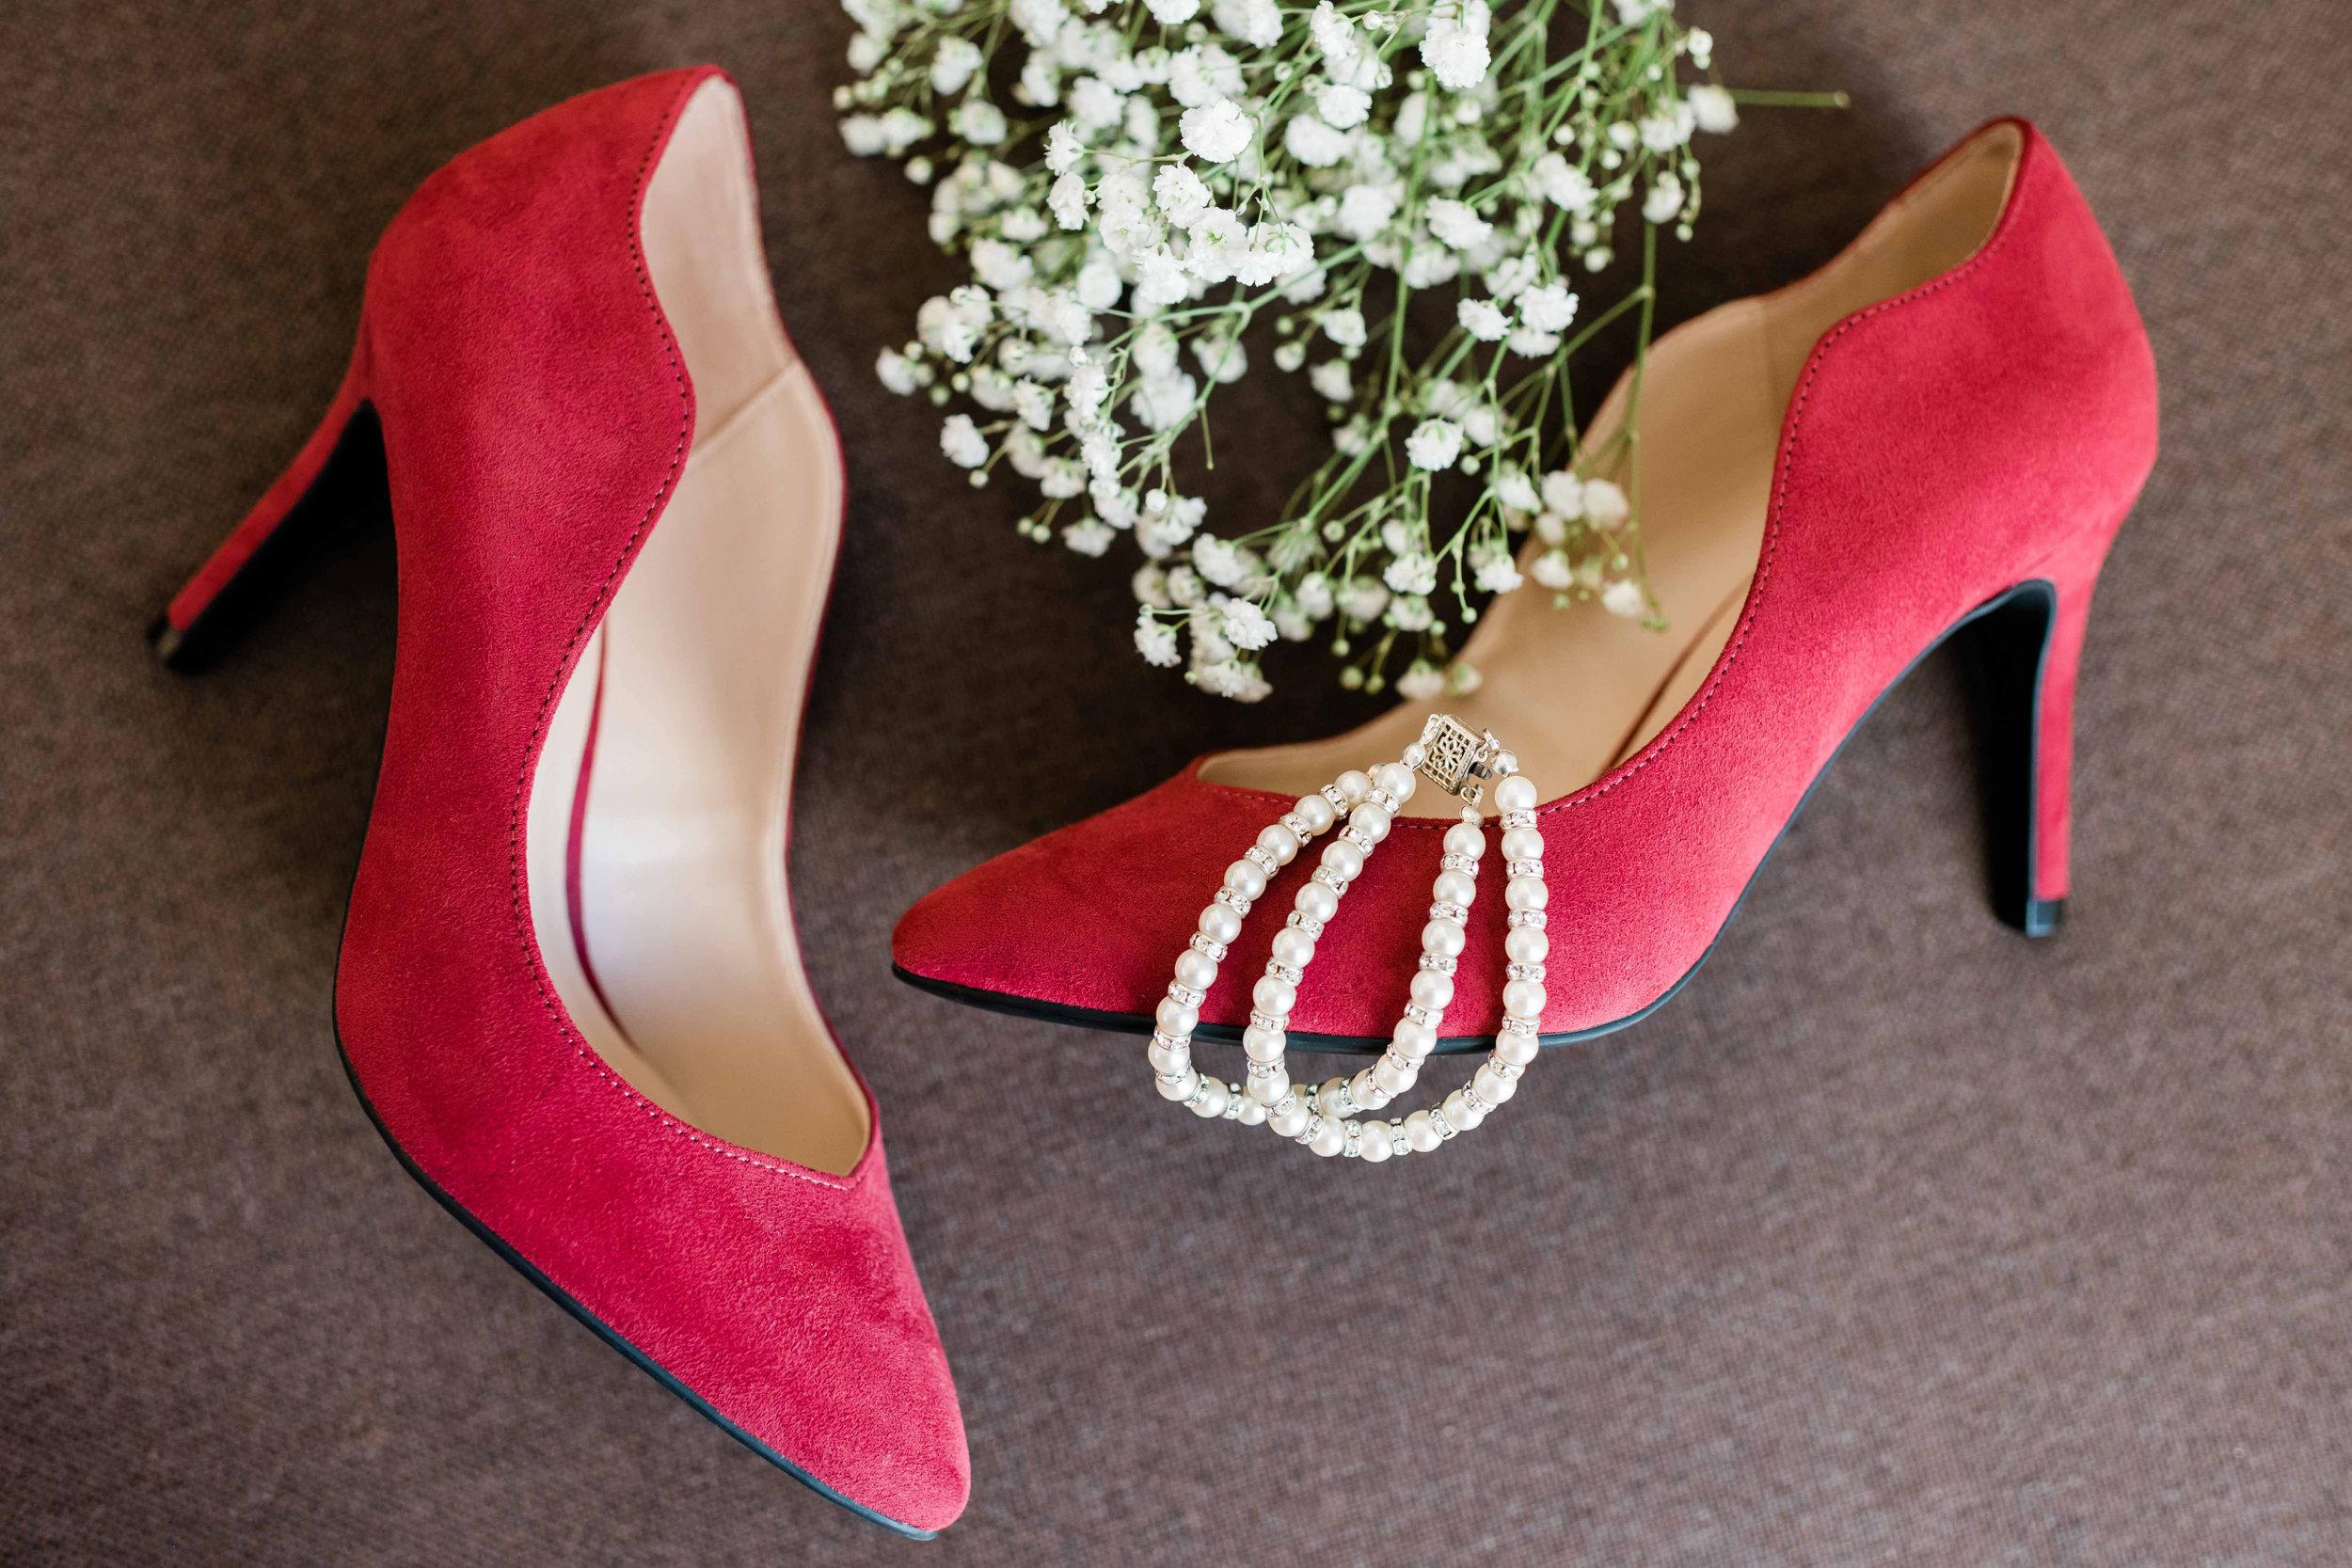 Bride's shoes and bracelet